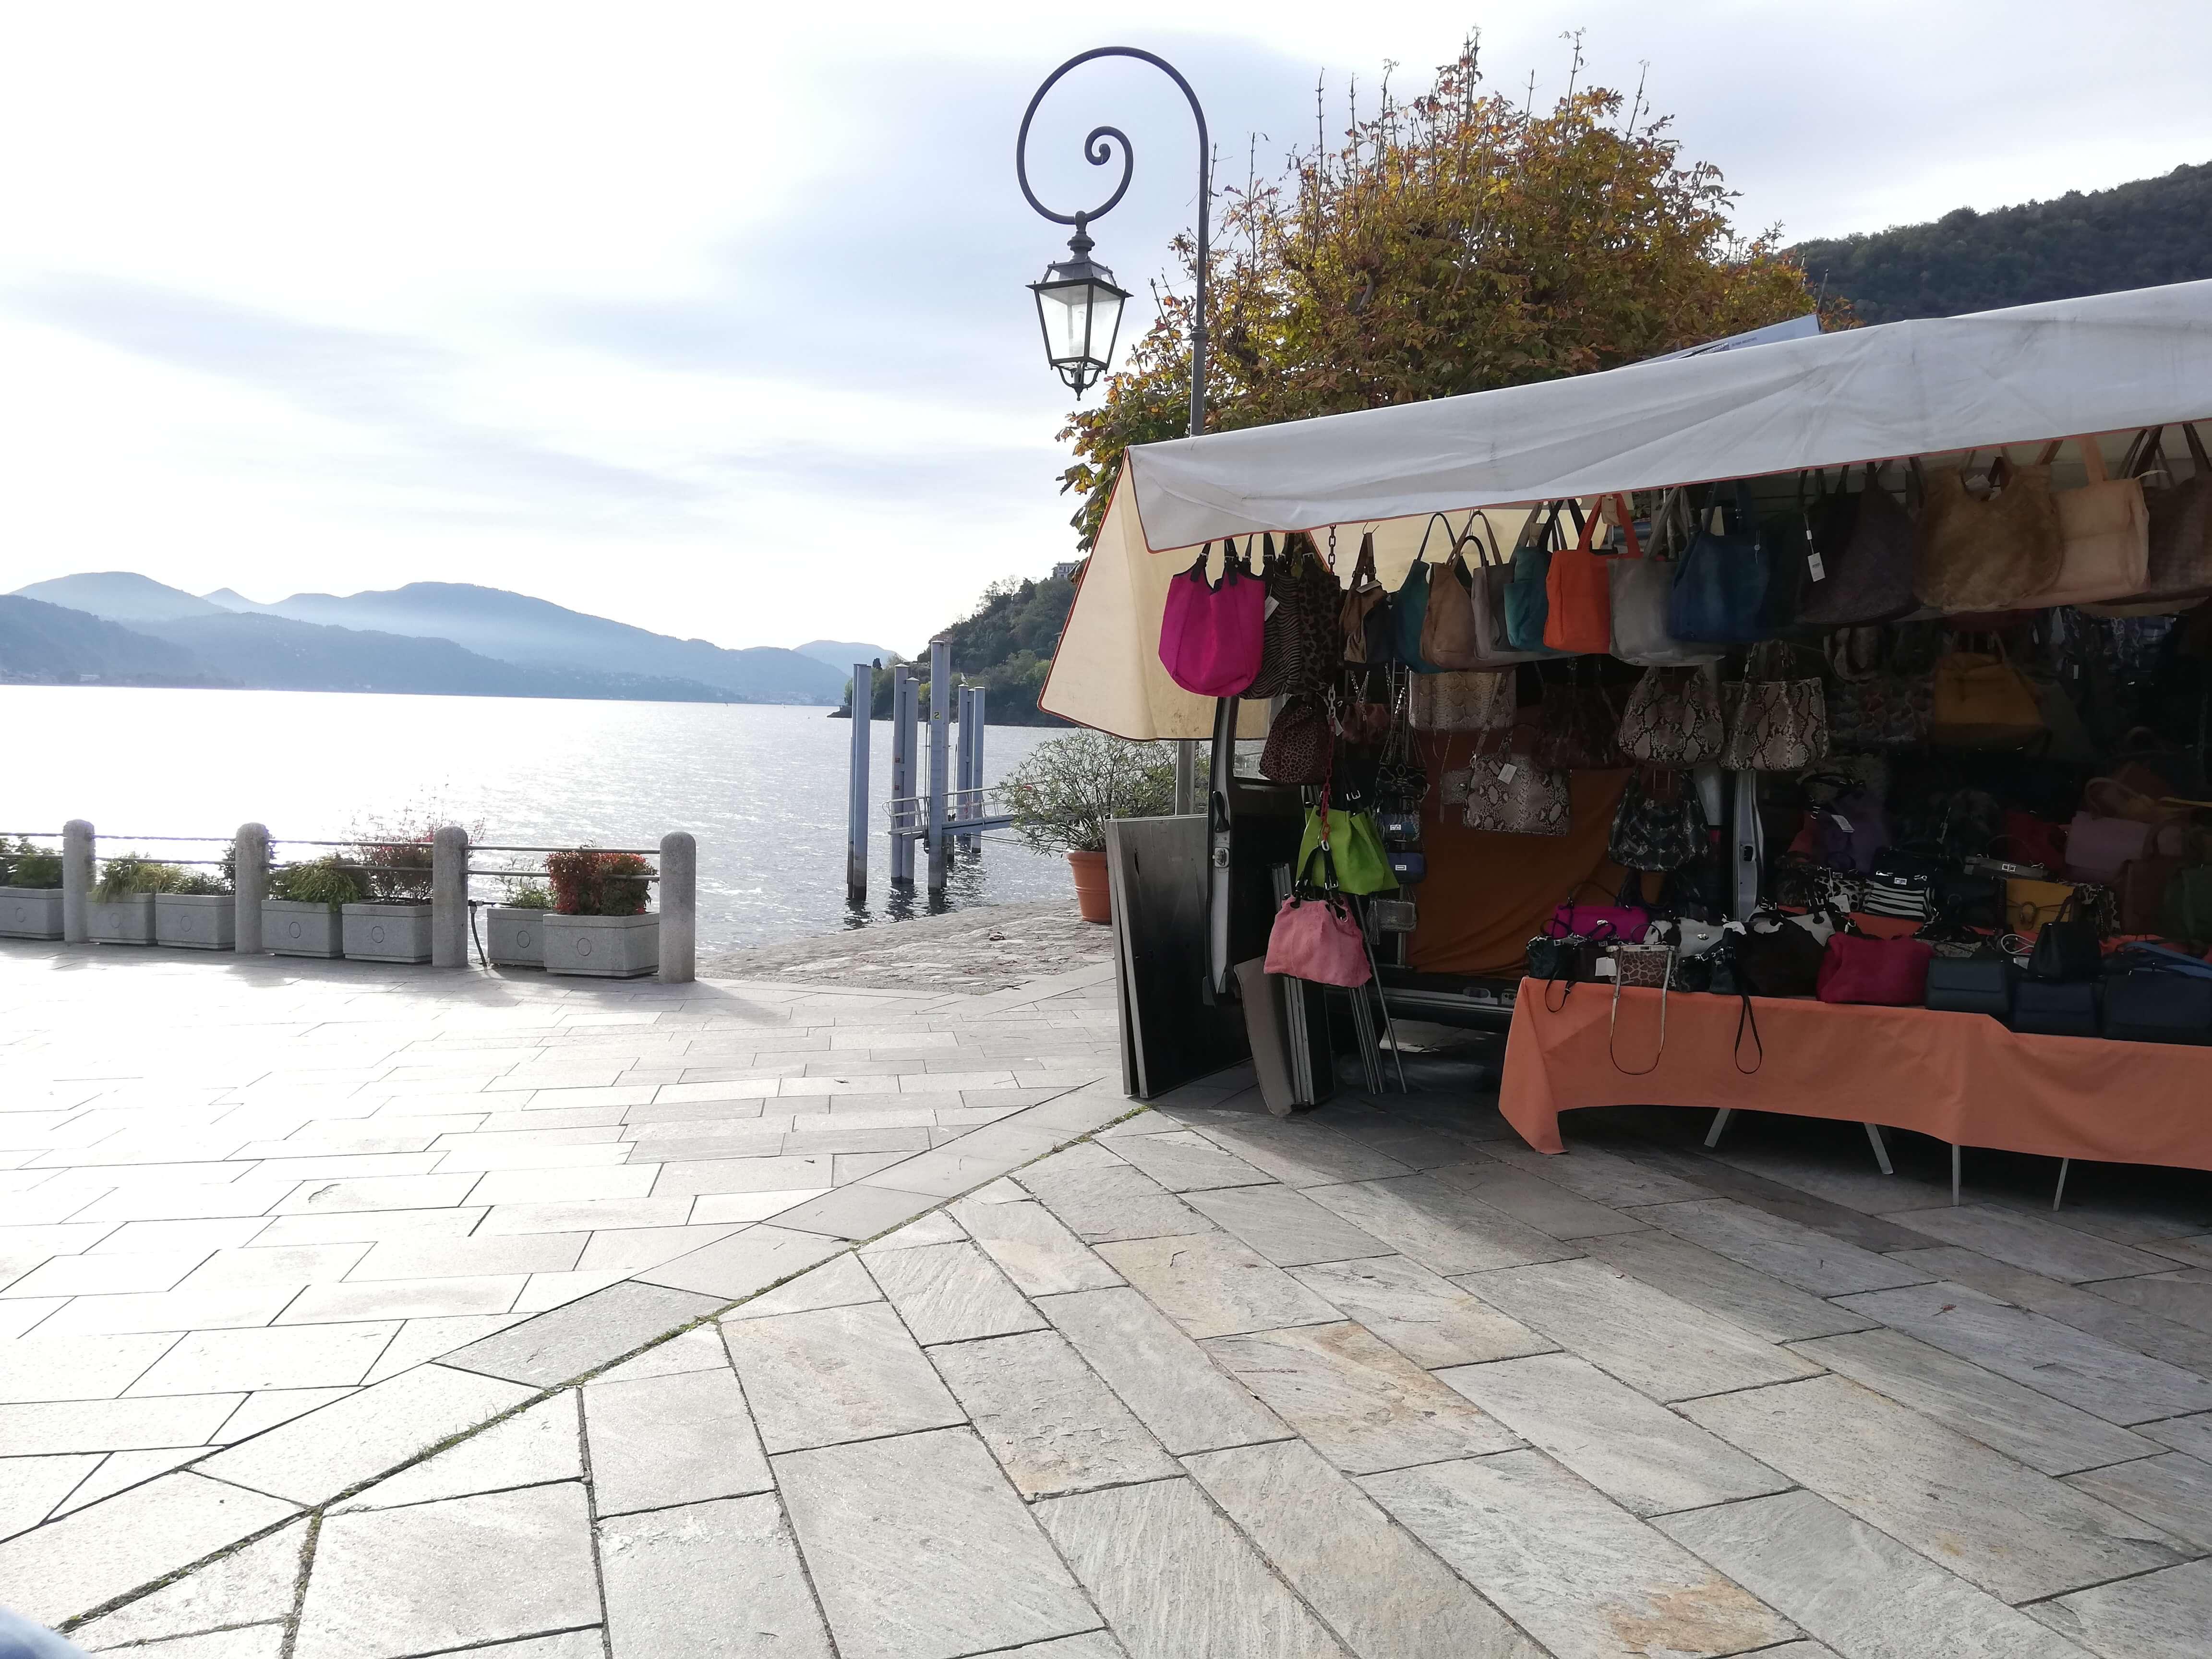 Markt in Cannobio Lago Maggiore